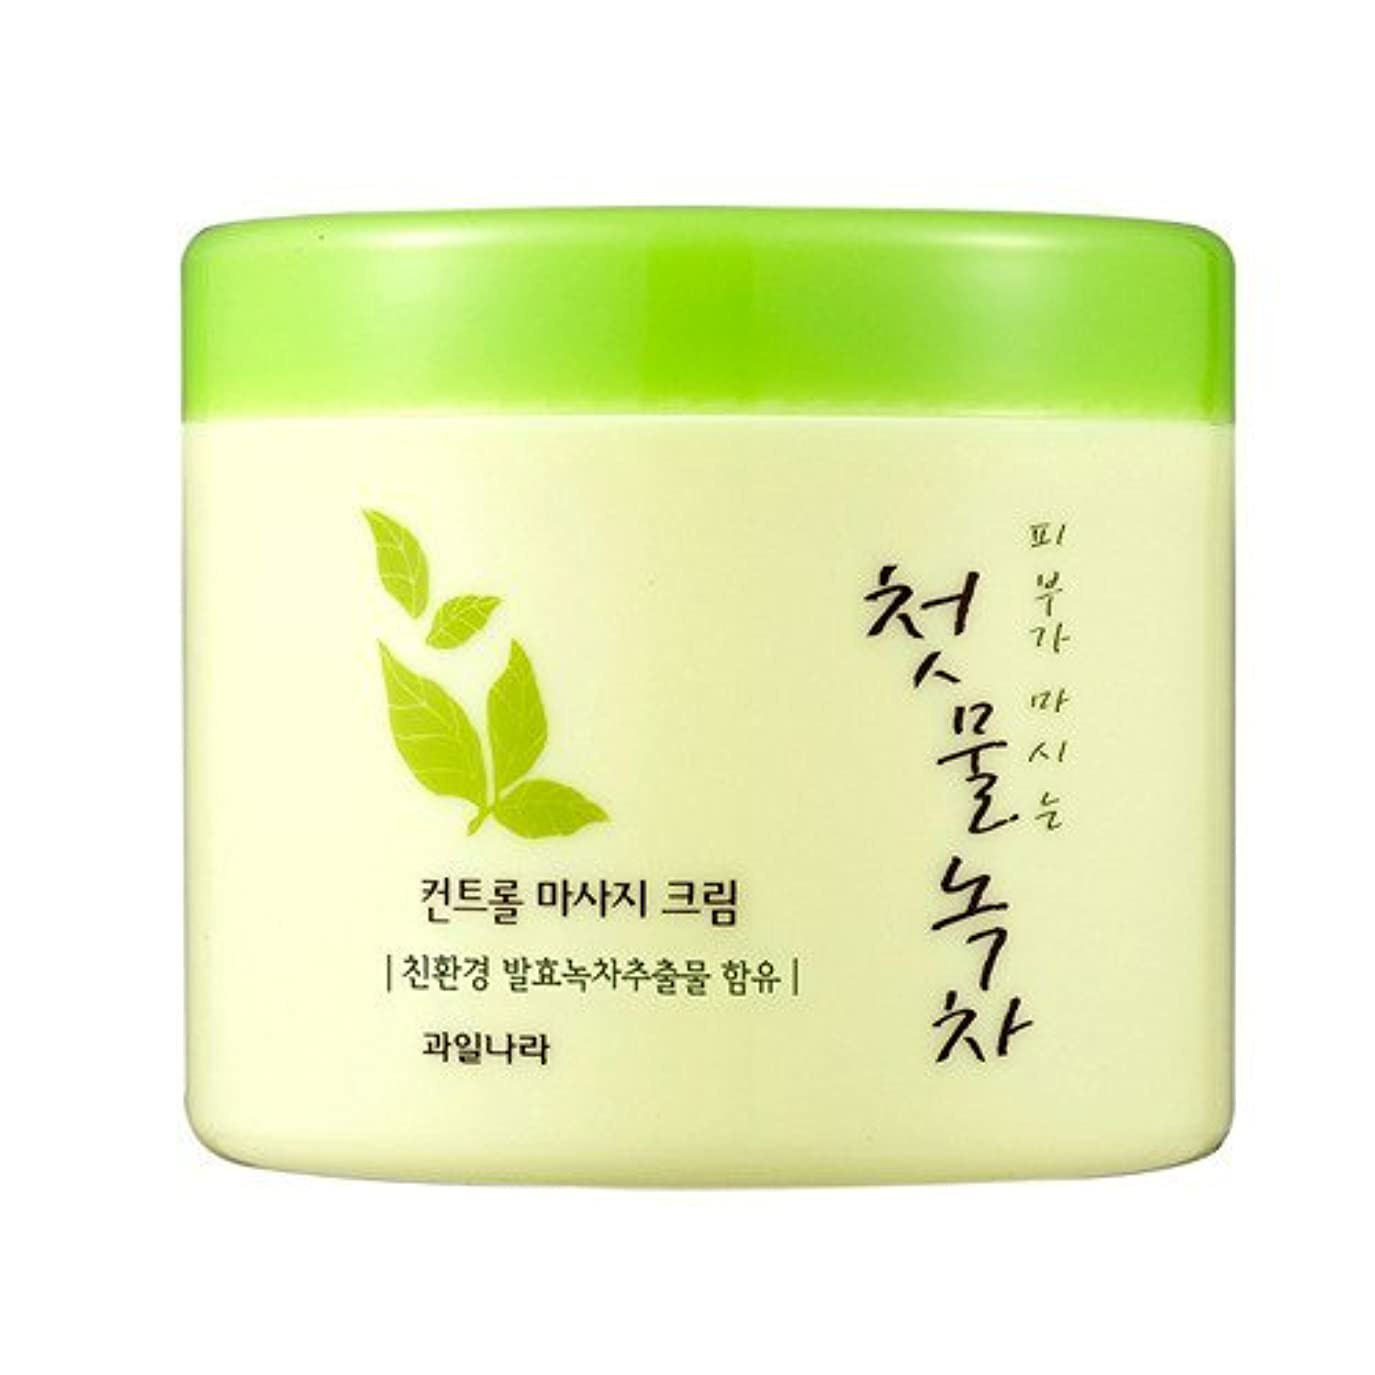 ブリッジプレビュー空白welcos[ウェルコス] コントロールマッサージクリーム300ml/First Green Tea Control Massage Cream 300ml [並行輸入品]